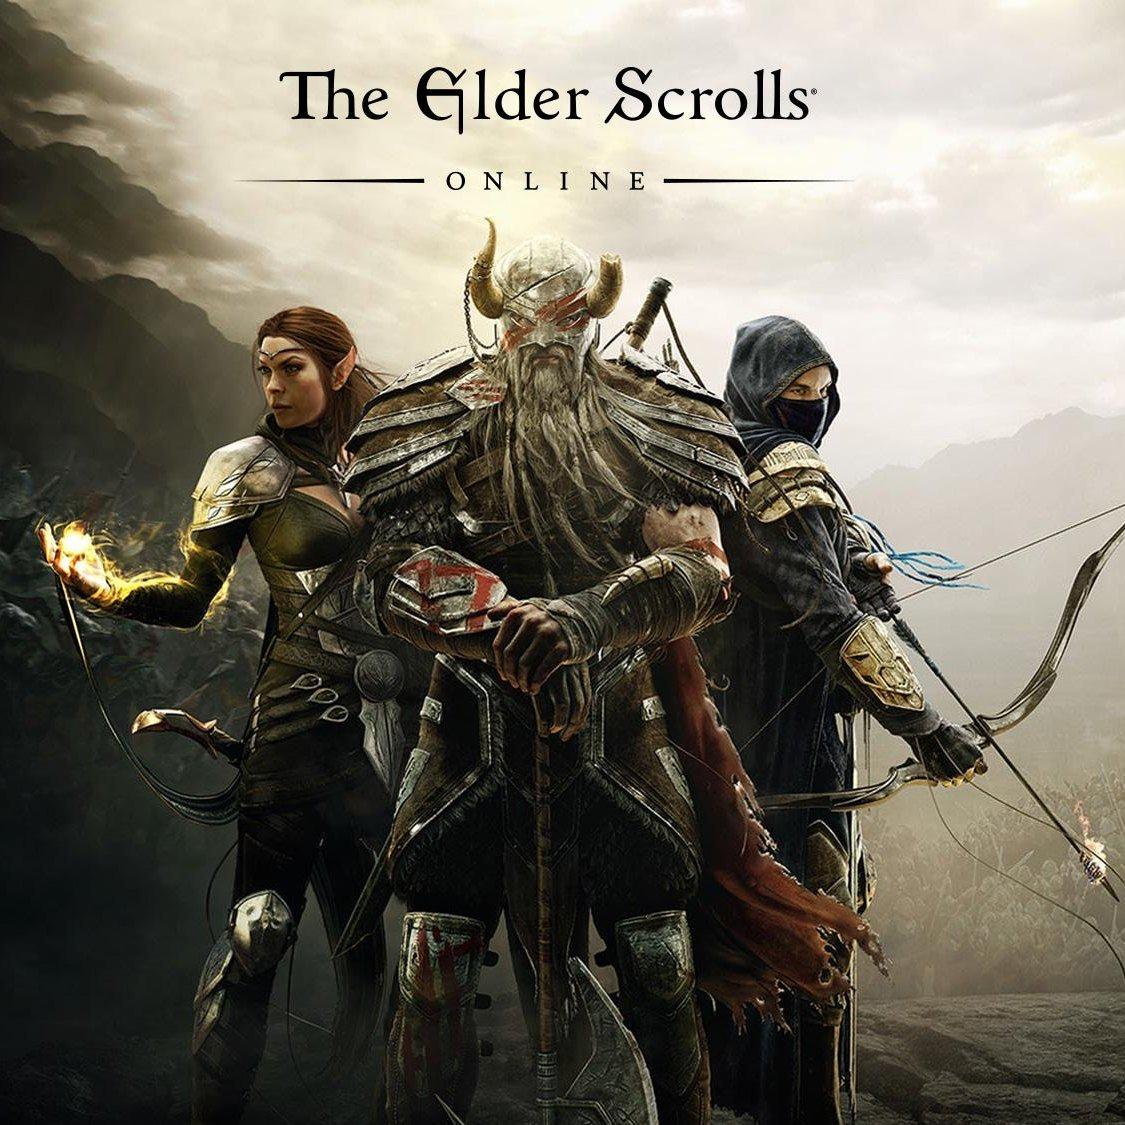 The Elder Scrolls Online Jouable Gratuitement pendant une semaine sur PC / PS4 / Xbox One (Dématérialisé)